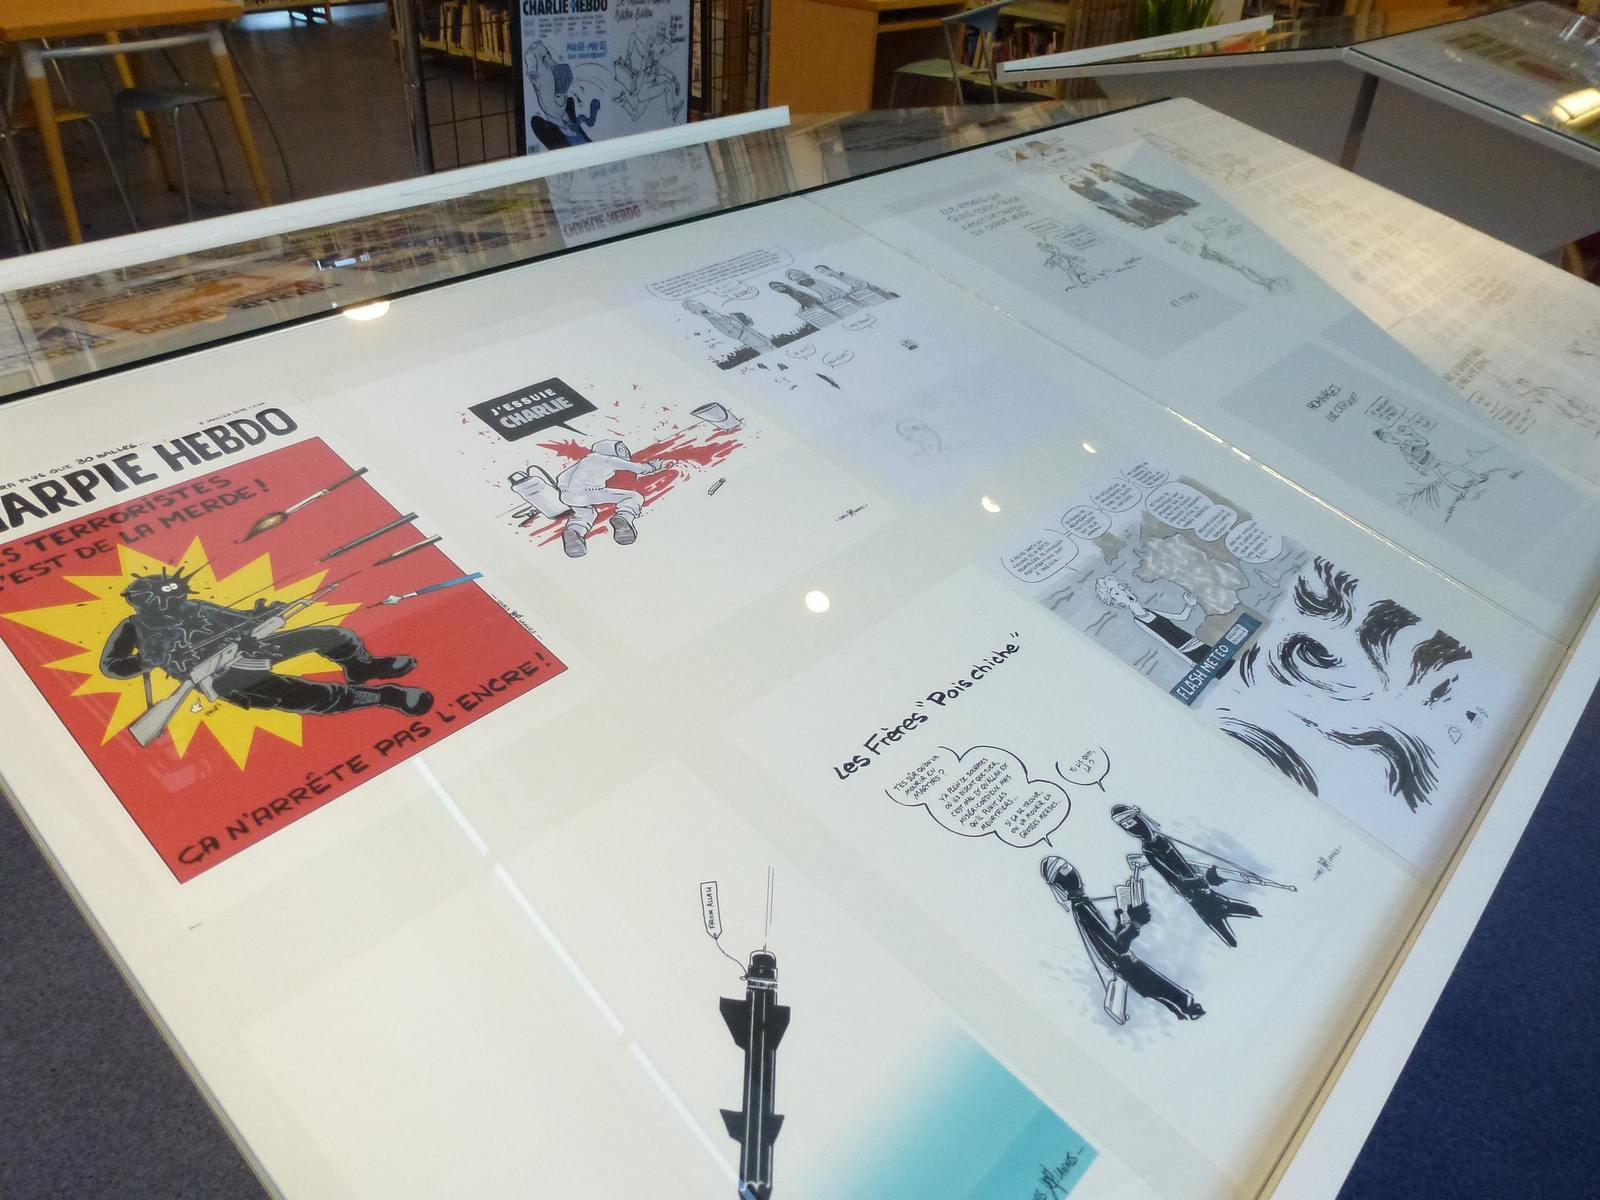 charlie hebdo exhibit8 Exhibition Charlie Hebdo at Quimperle